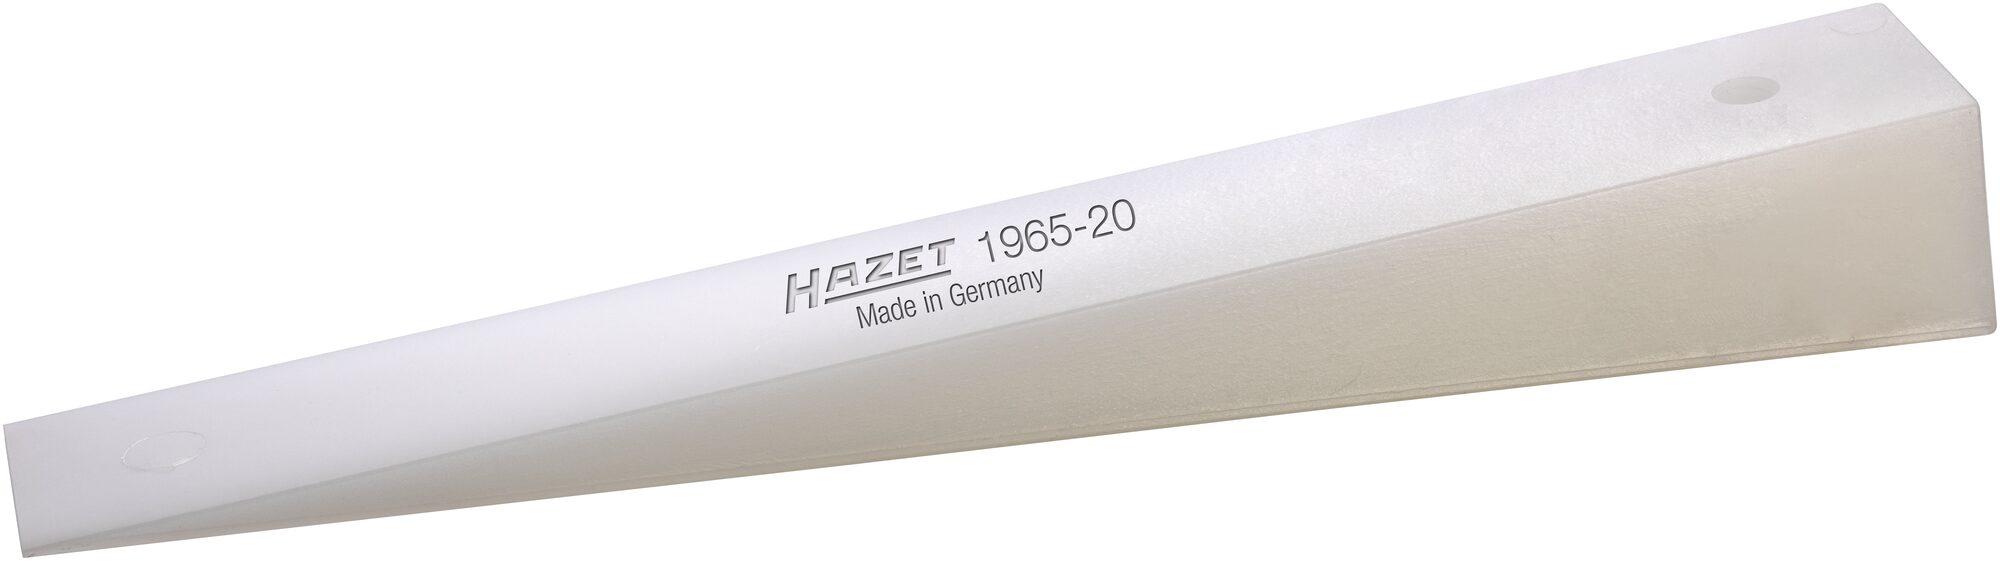 HAZET Montagekeil 1965-20